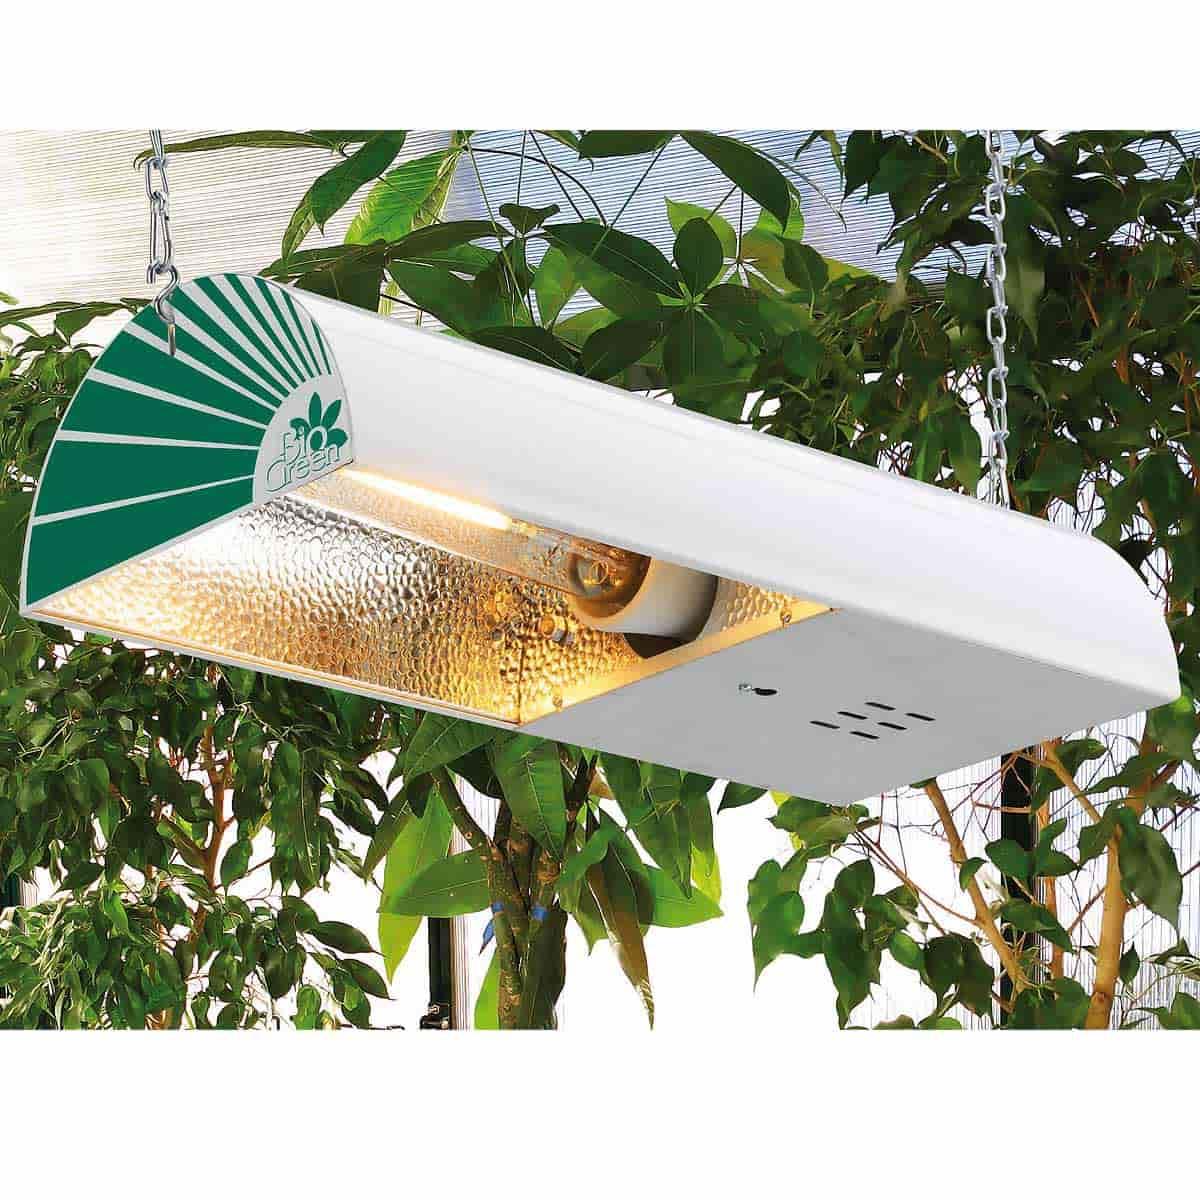 Kit lampe de floraison sirius 400w hps sodium serre for Jardin accessoires decoratifs